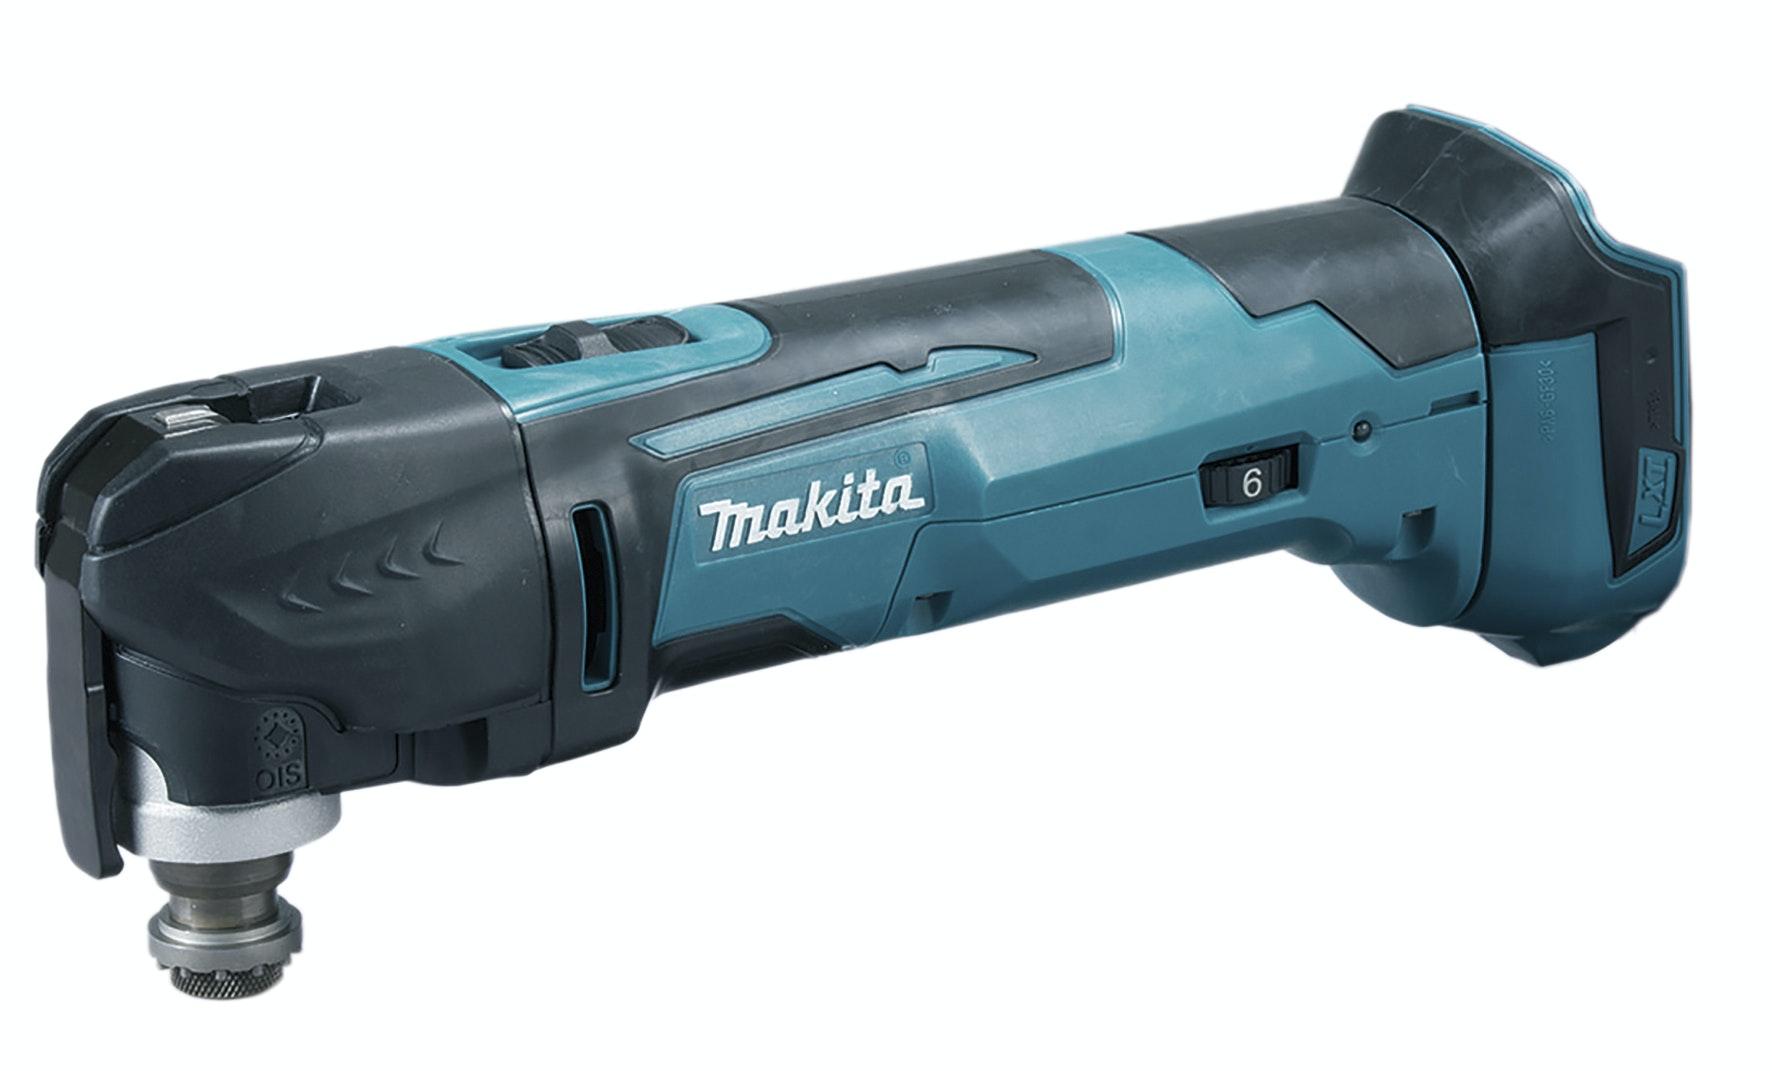 Multiverktyg Makita Dtm51Z 18V Zero